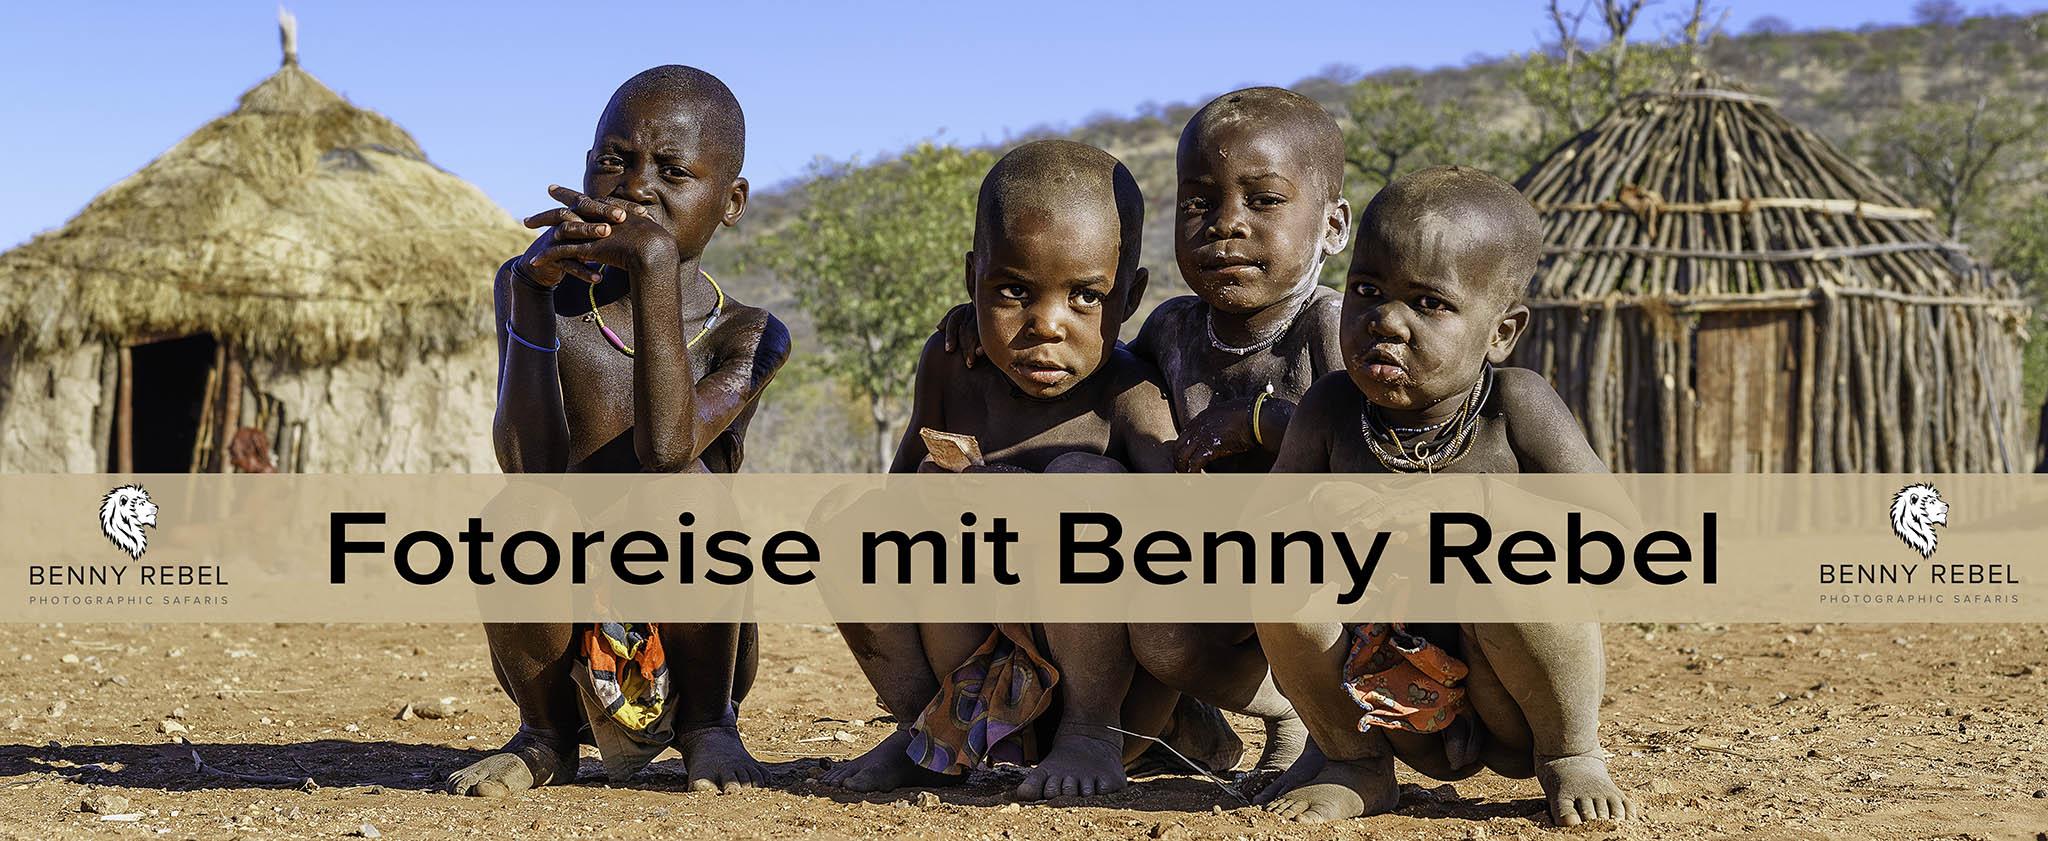 Fotoreise-Namibia-Fotosafari-Afrika-Himba_DSC5369